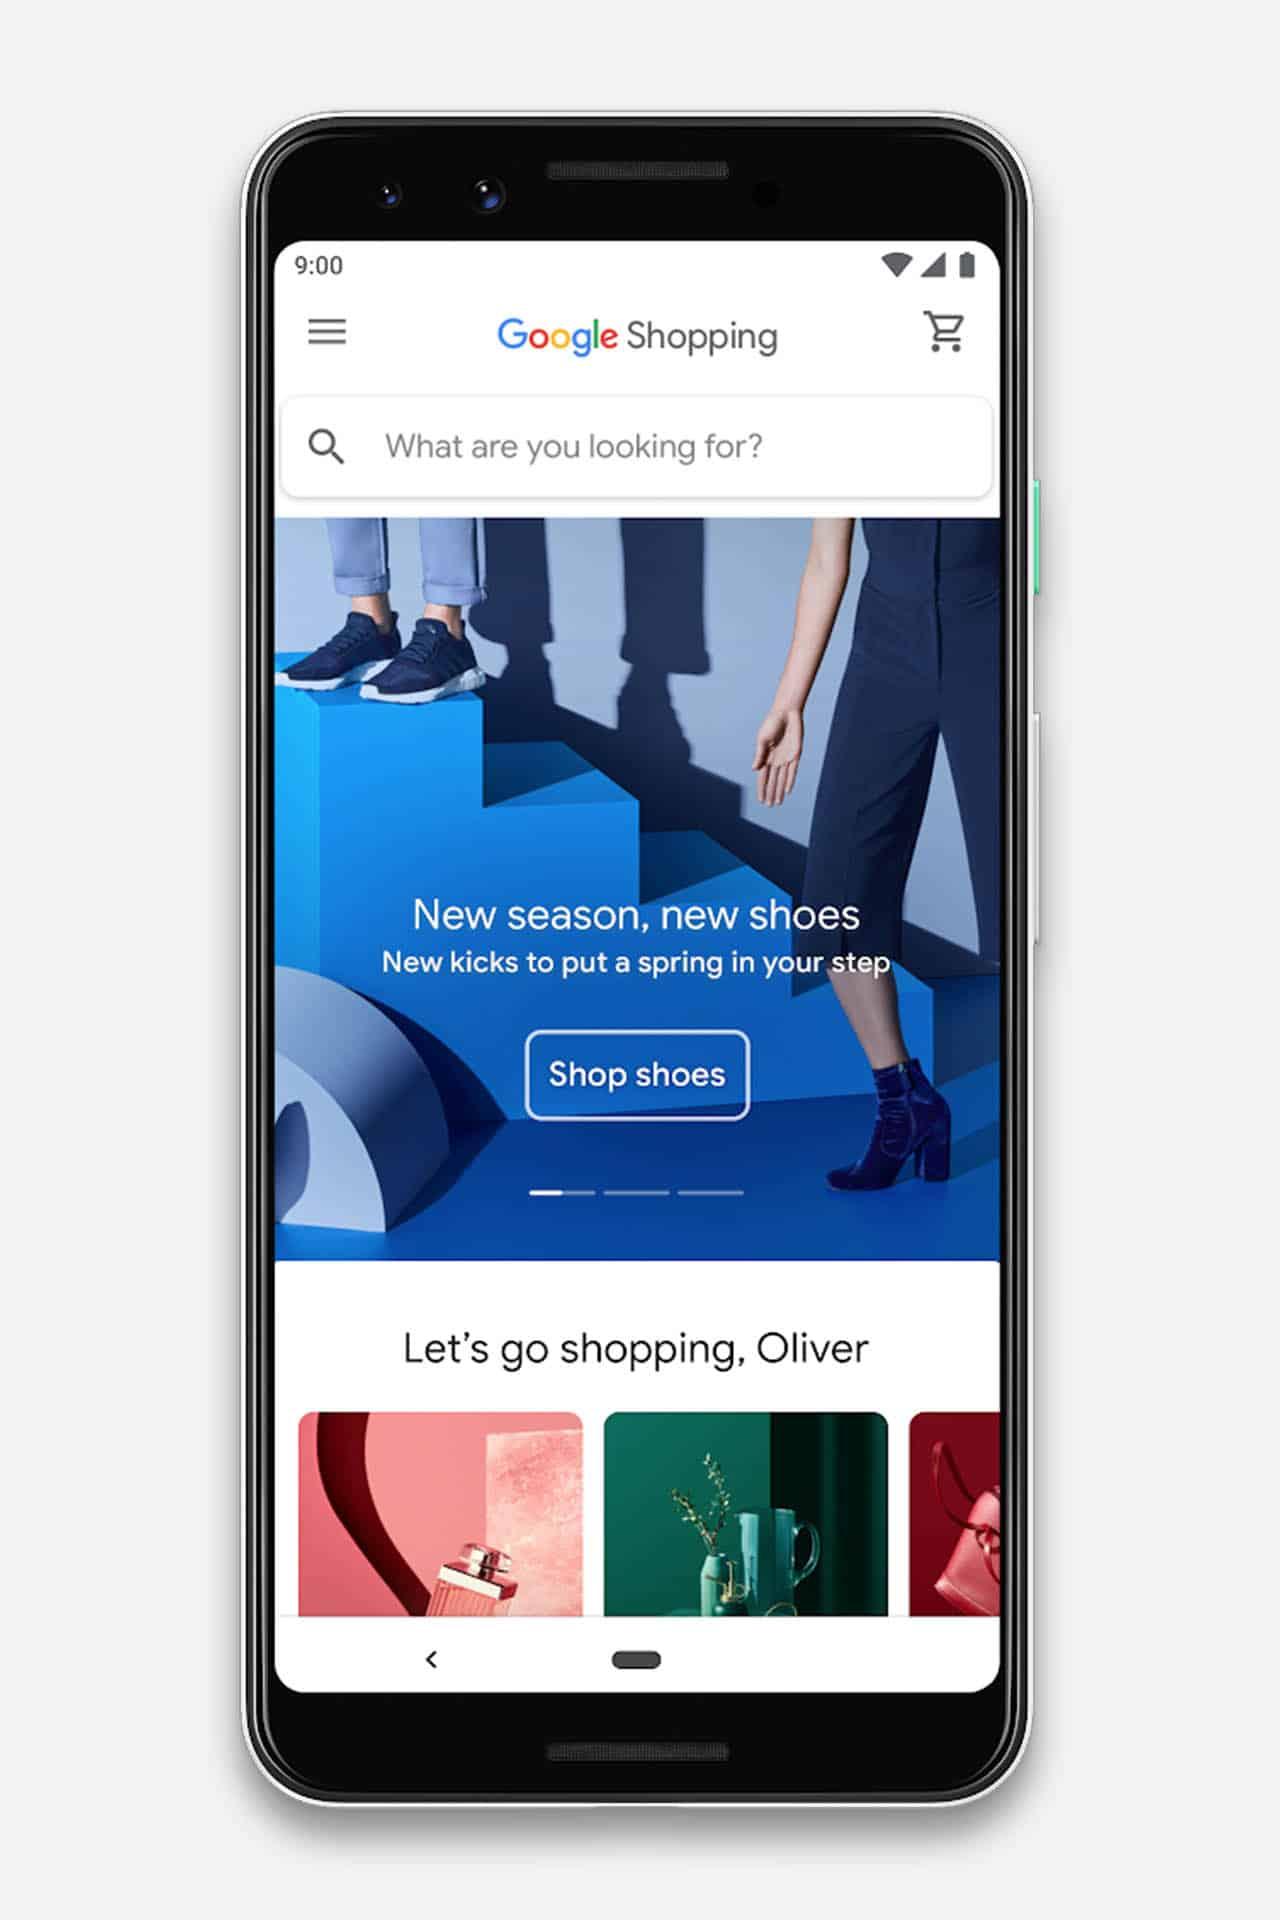 Google Ads novità per mobile